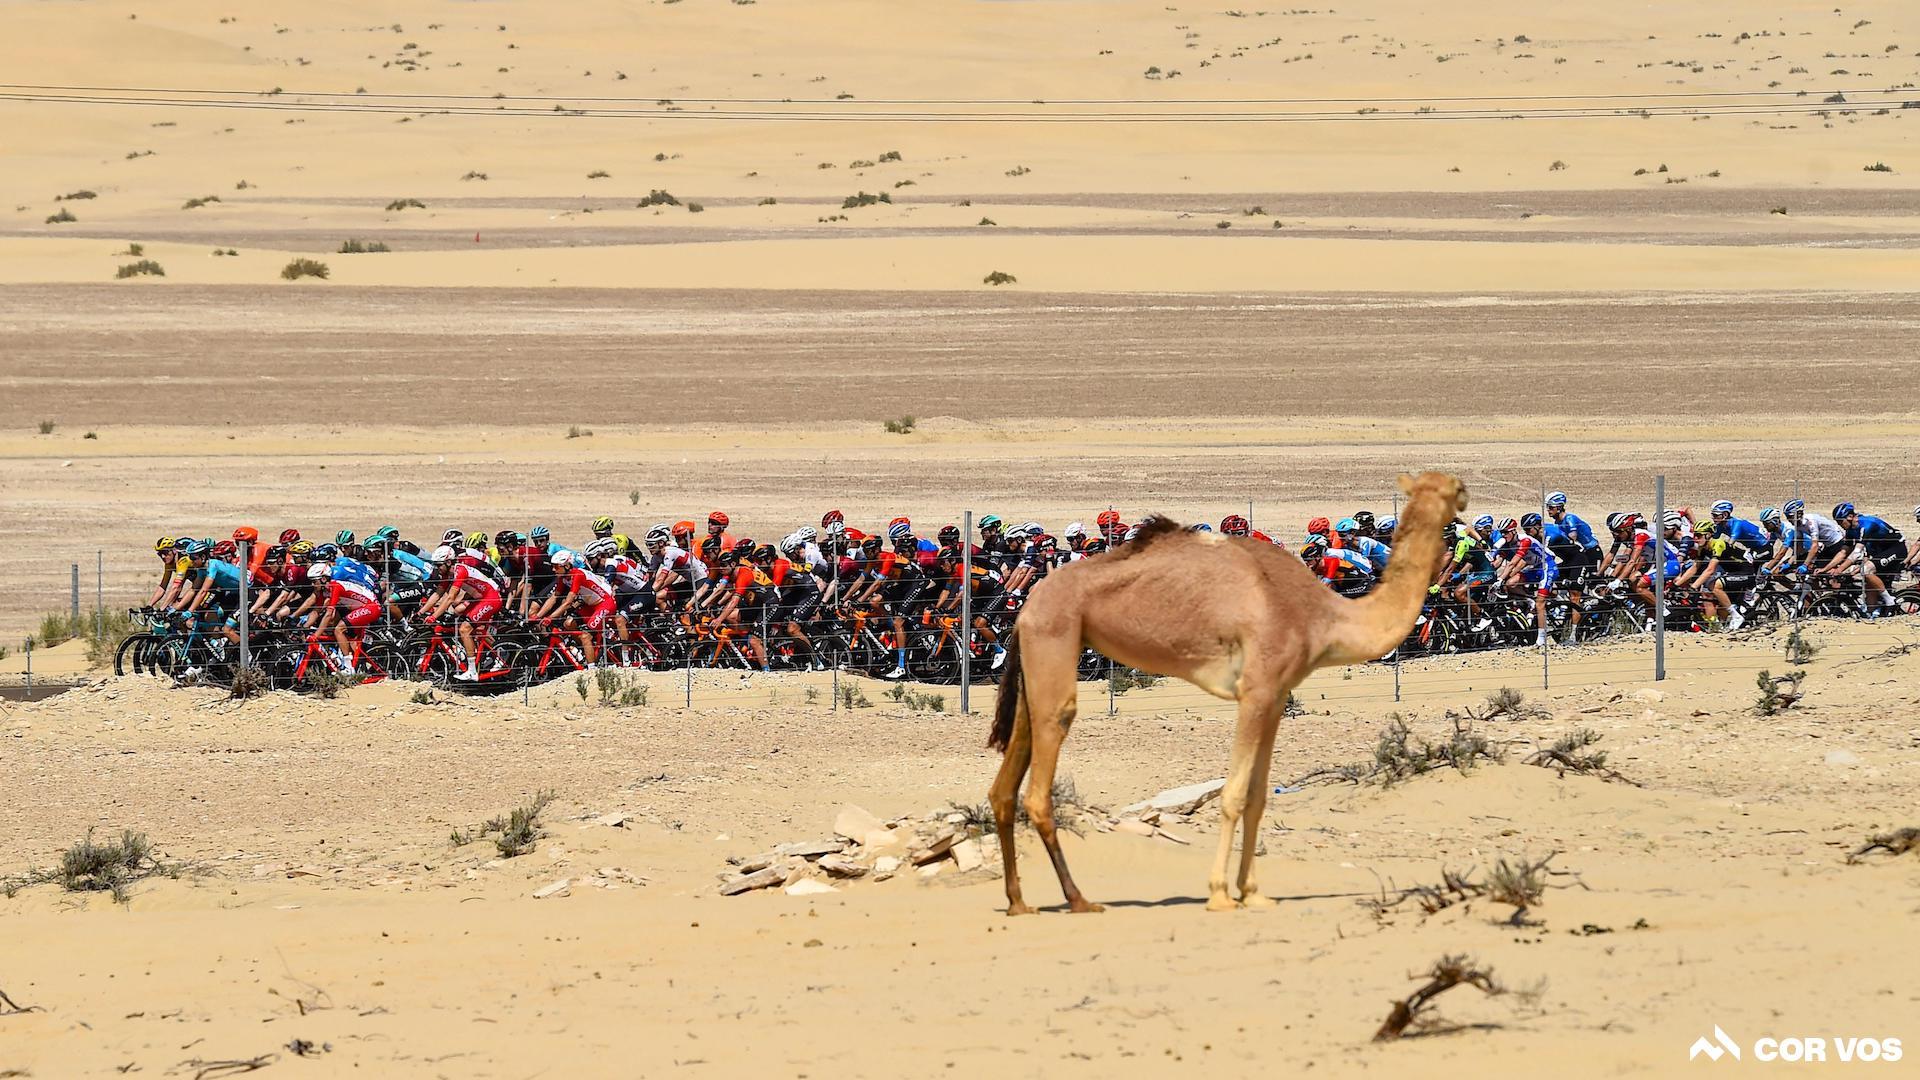 Oui, vous devriez regarder le UAE Tour cette année